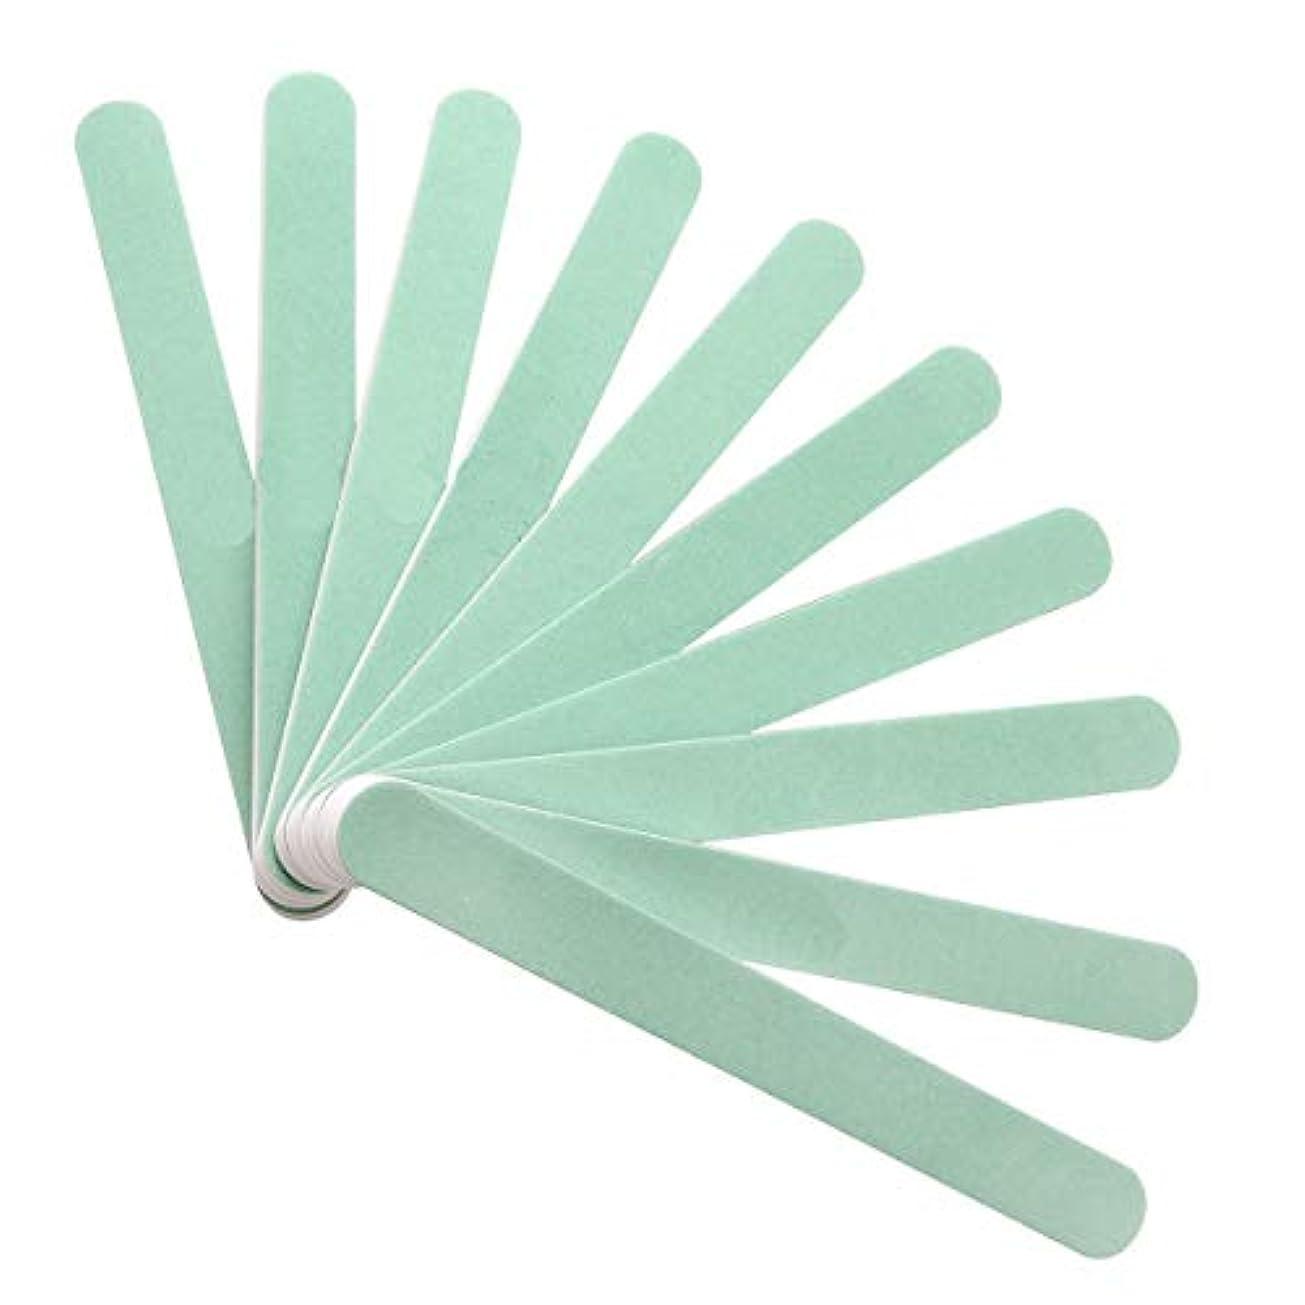 月飾り羽経度10本入バッファーグリットバッファー爪 磨き ネイルシャイナー ネイルをつやつやにスポンジファイルソフトファイル